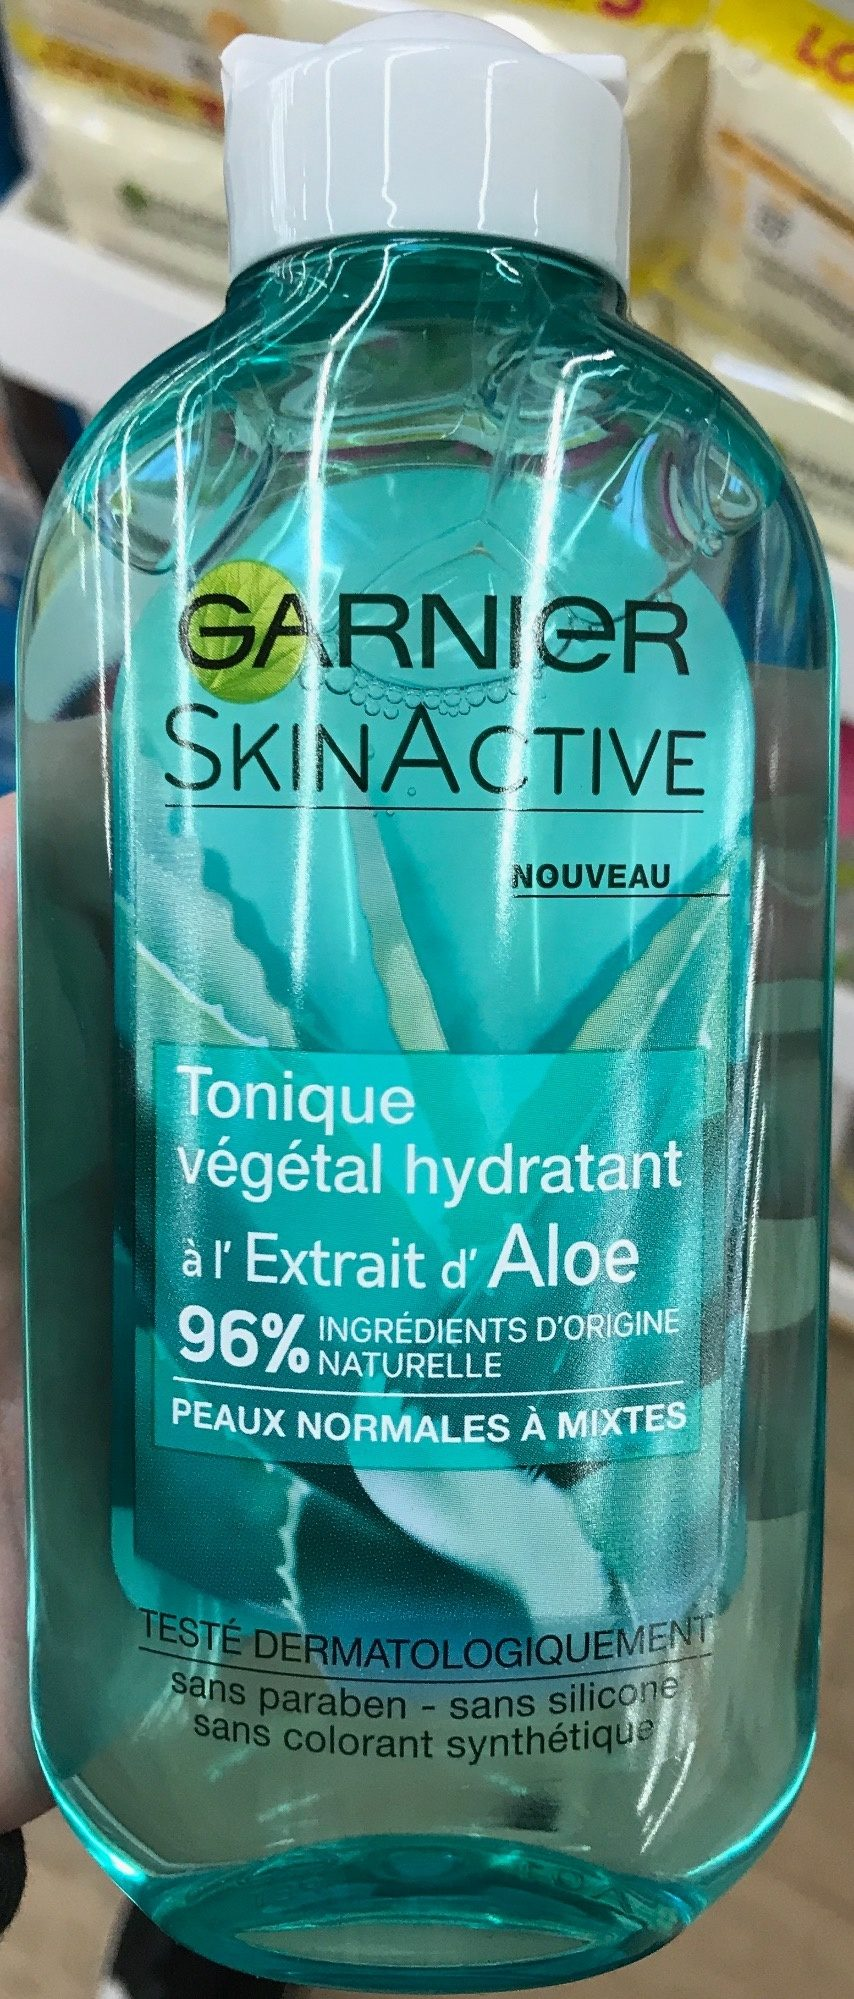 SkinActive Tonique végétal hydratant à l'extrait d'aloe - Produit